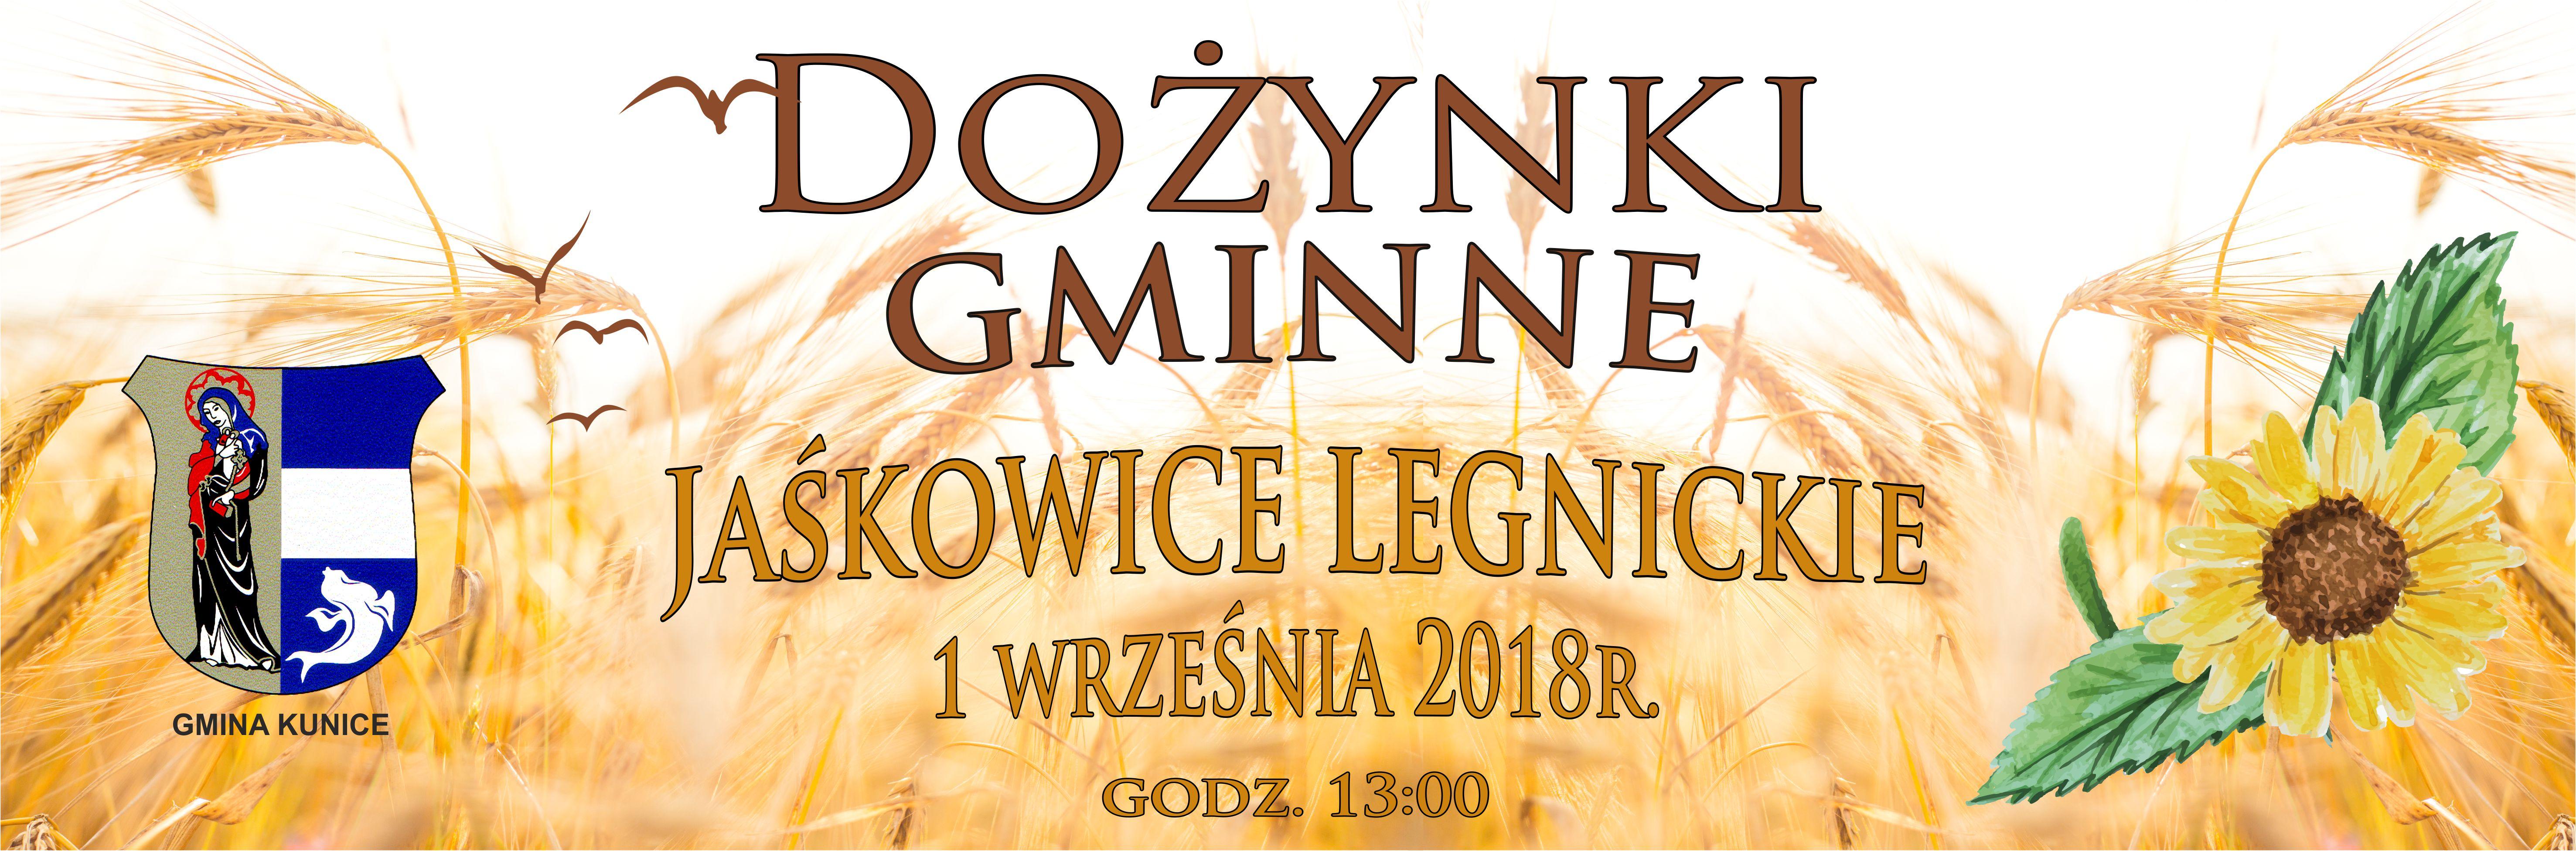 http://www.gokis-kunice.pl/dozynki-gminne/